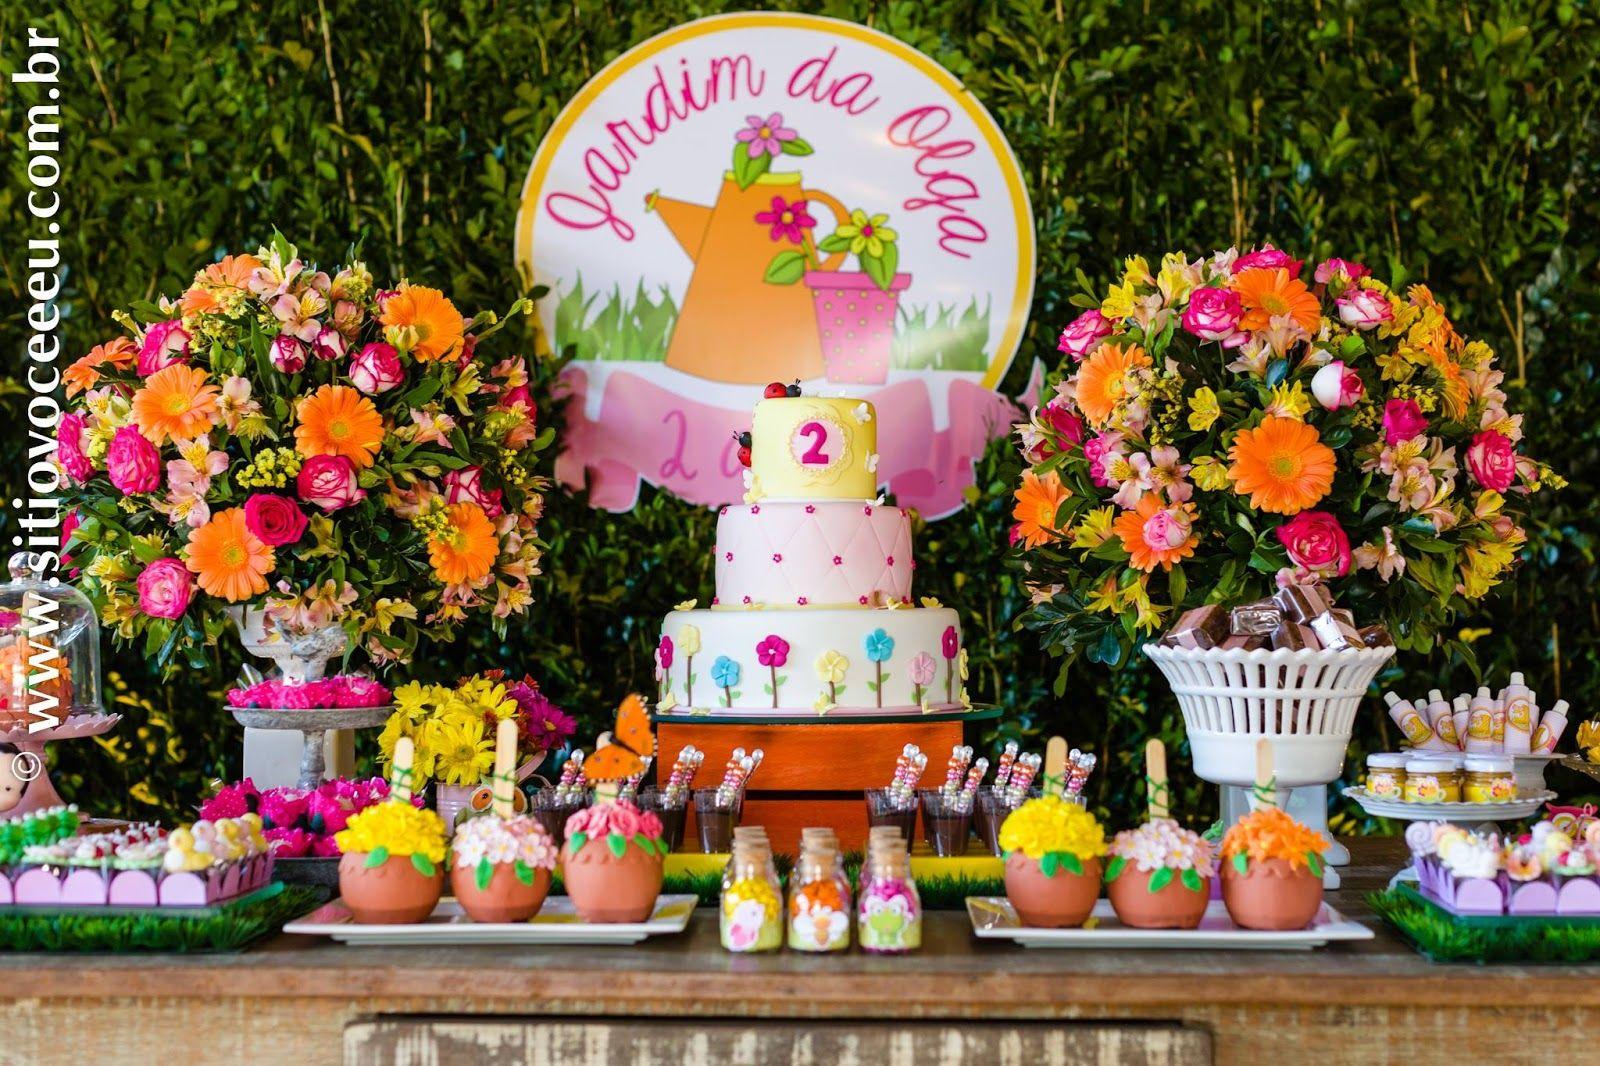 Encontrando Ideias Festa Jardim!! Decoraç u00e3o Festa tema jardim, Festas infantis jardim e  # Decoração De Festa Infantil Jardim Encantado Rustico